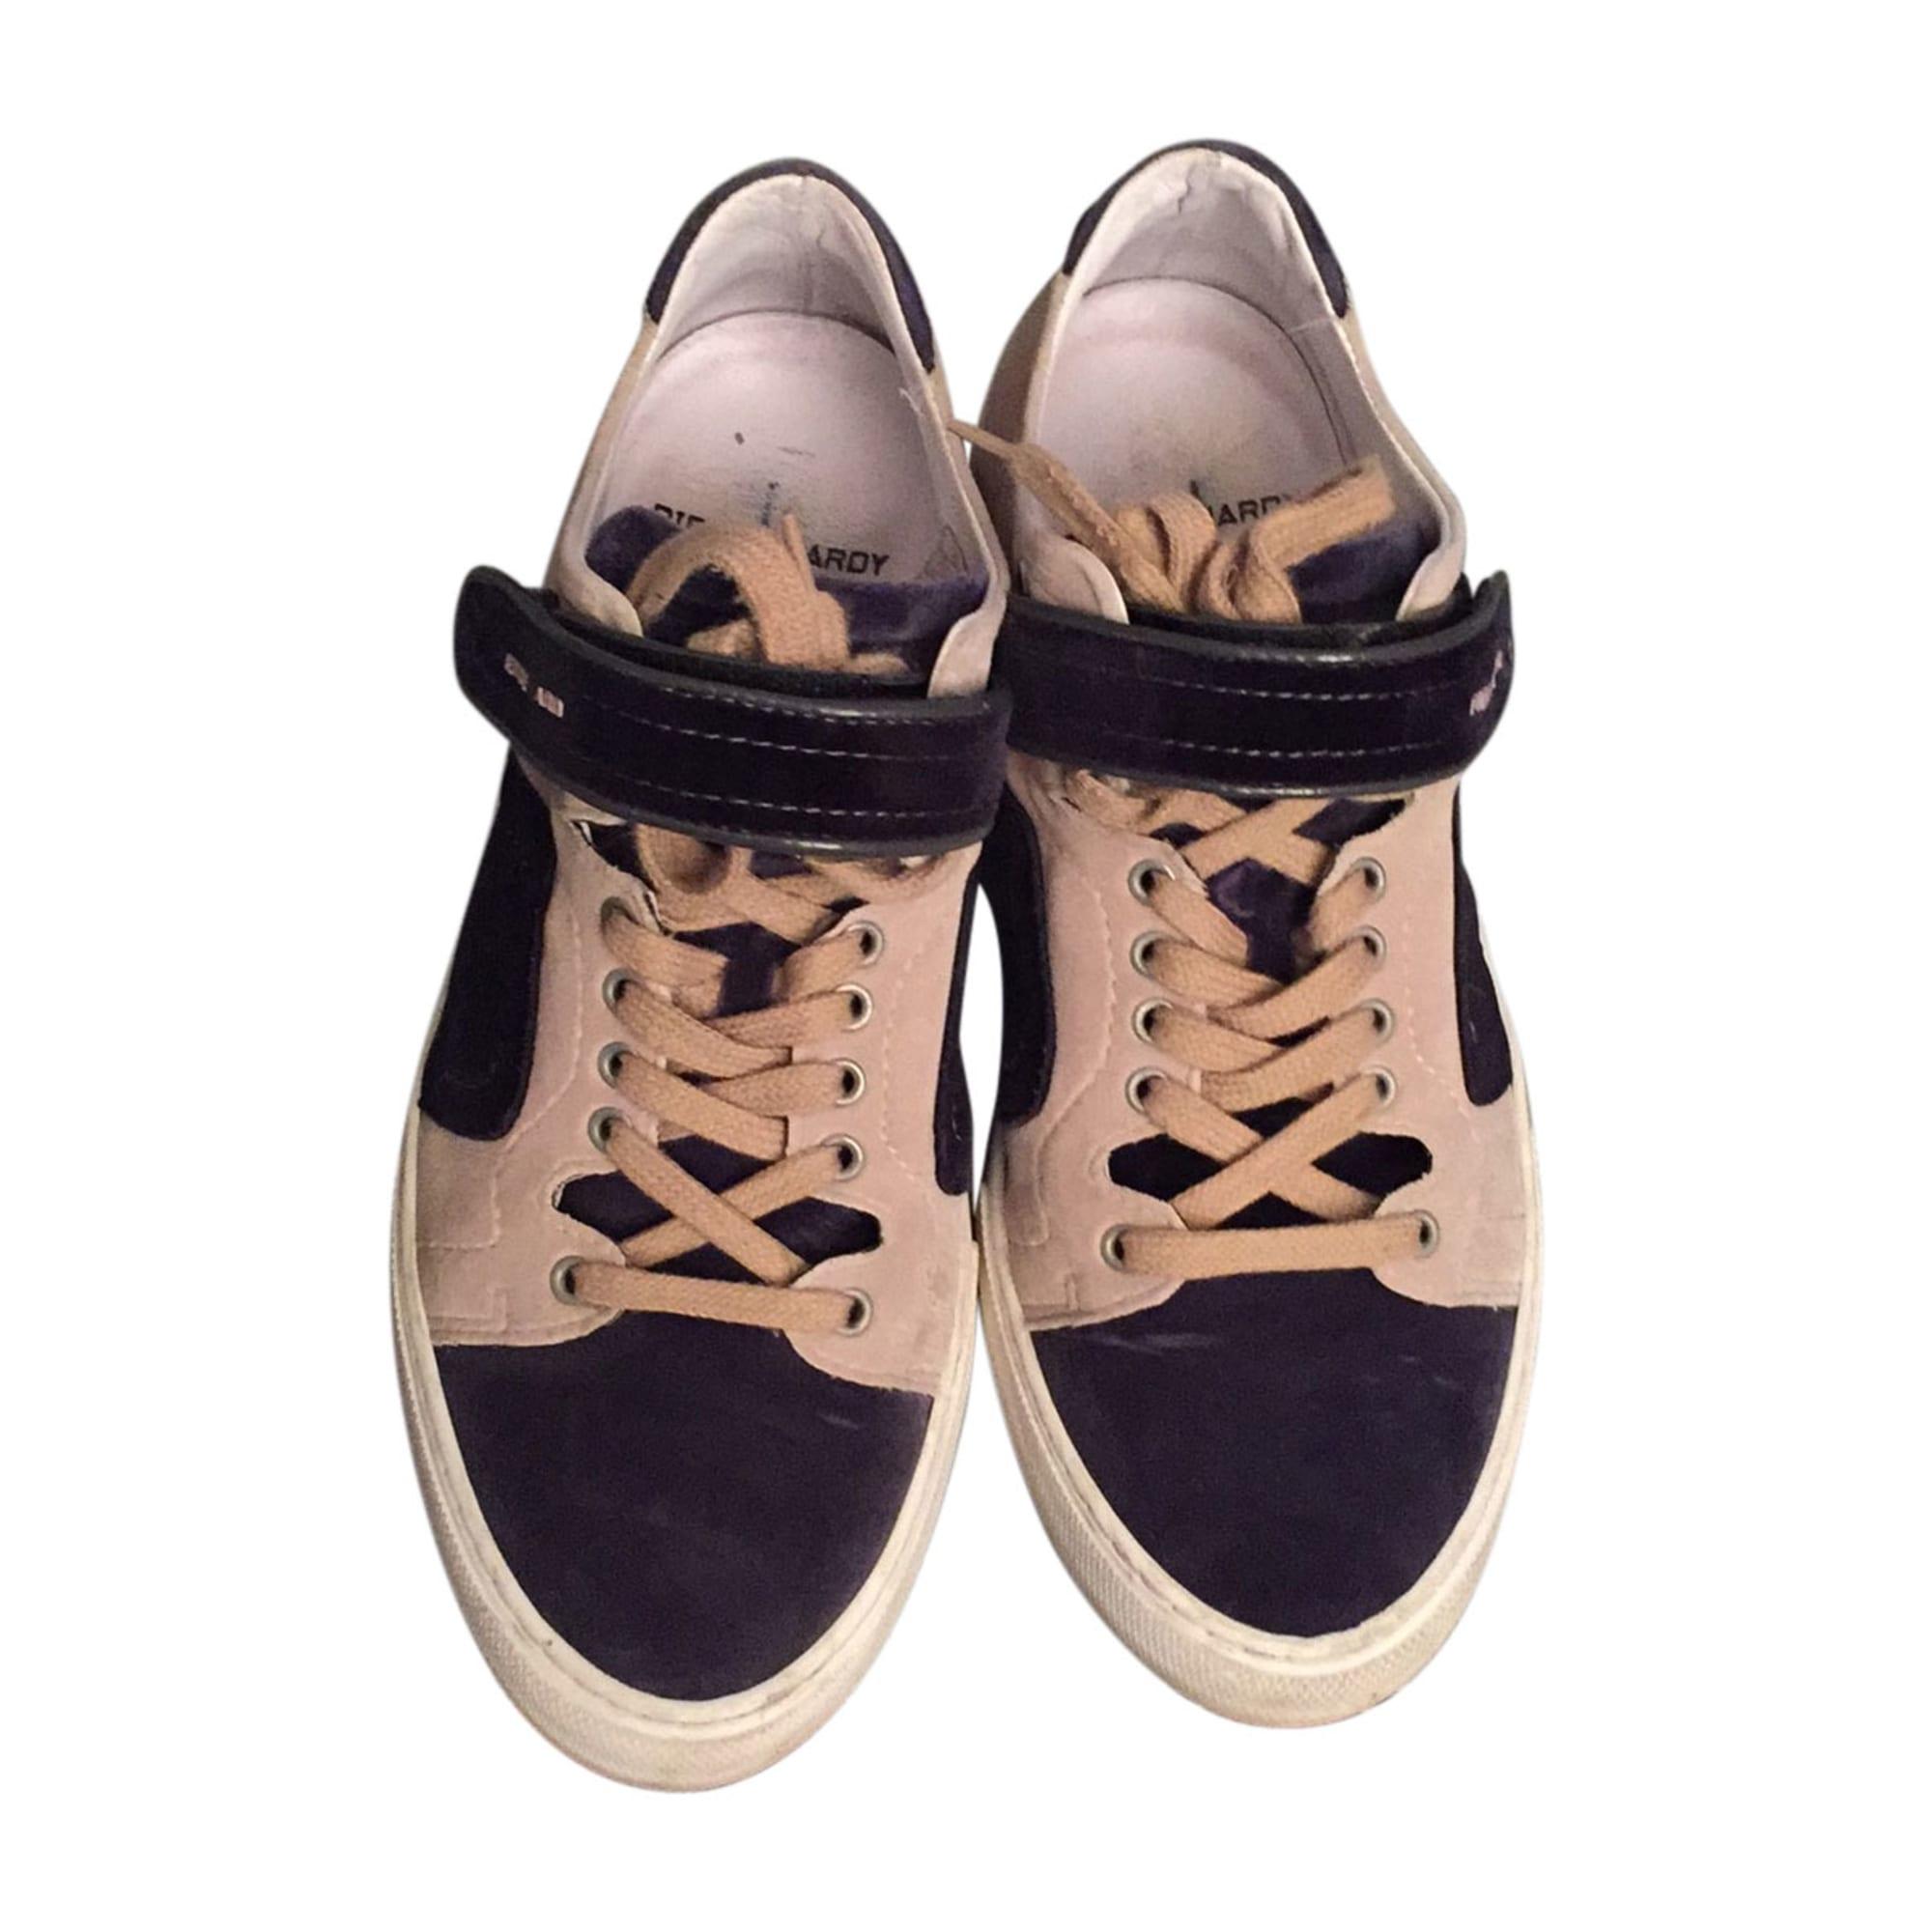 chaussures lacets pierre hardy 43 beige et gris vendu par aboudi 39 s dressing 5222609. Black Bedroom Furniture Sets. Home Design Ideas